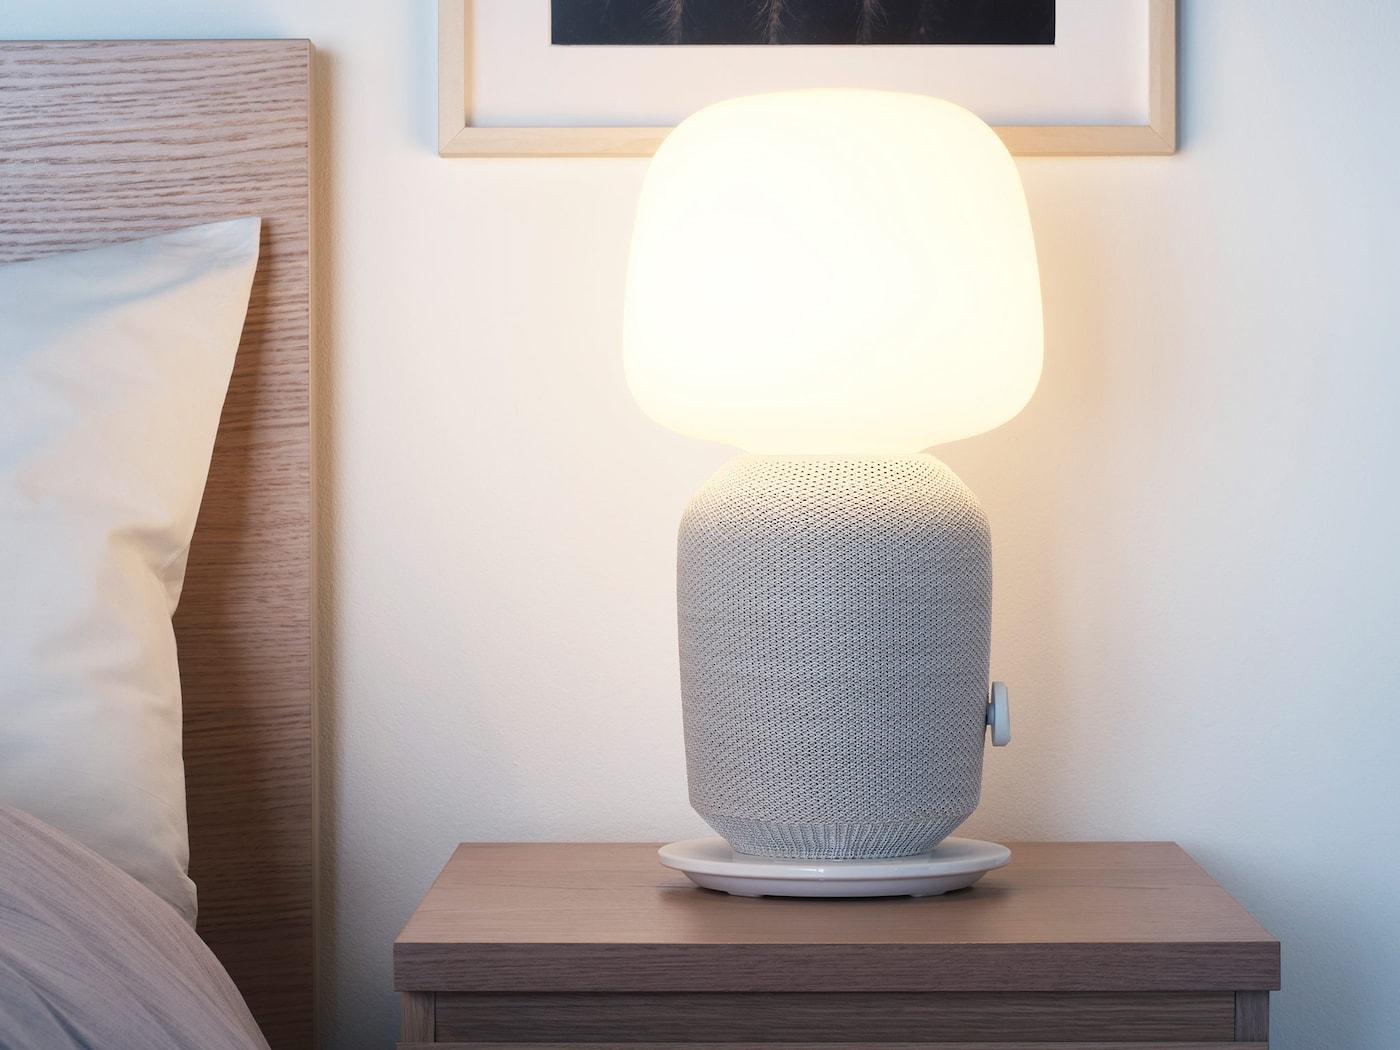 SYMFONISK stona lampa s WiFi zvučnikom u beloj/sivoj boji na noćnom stočiću pored kreveta.